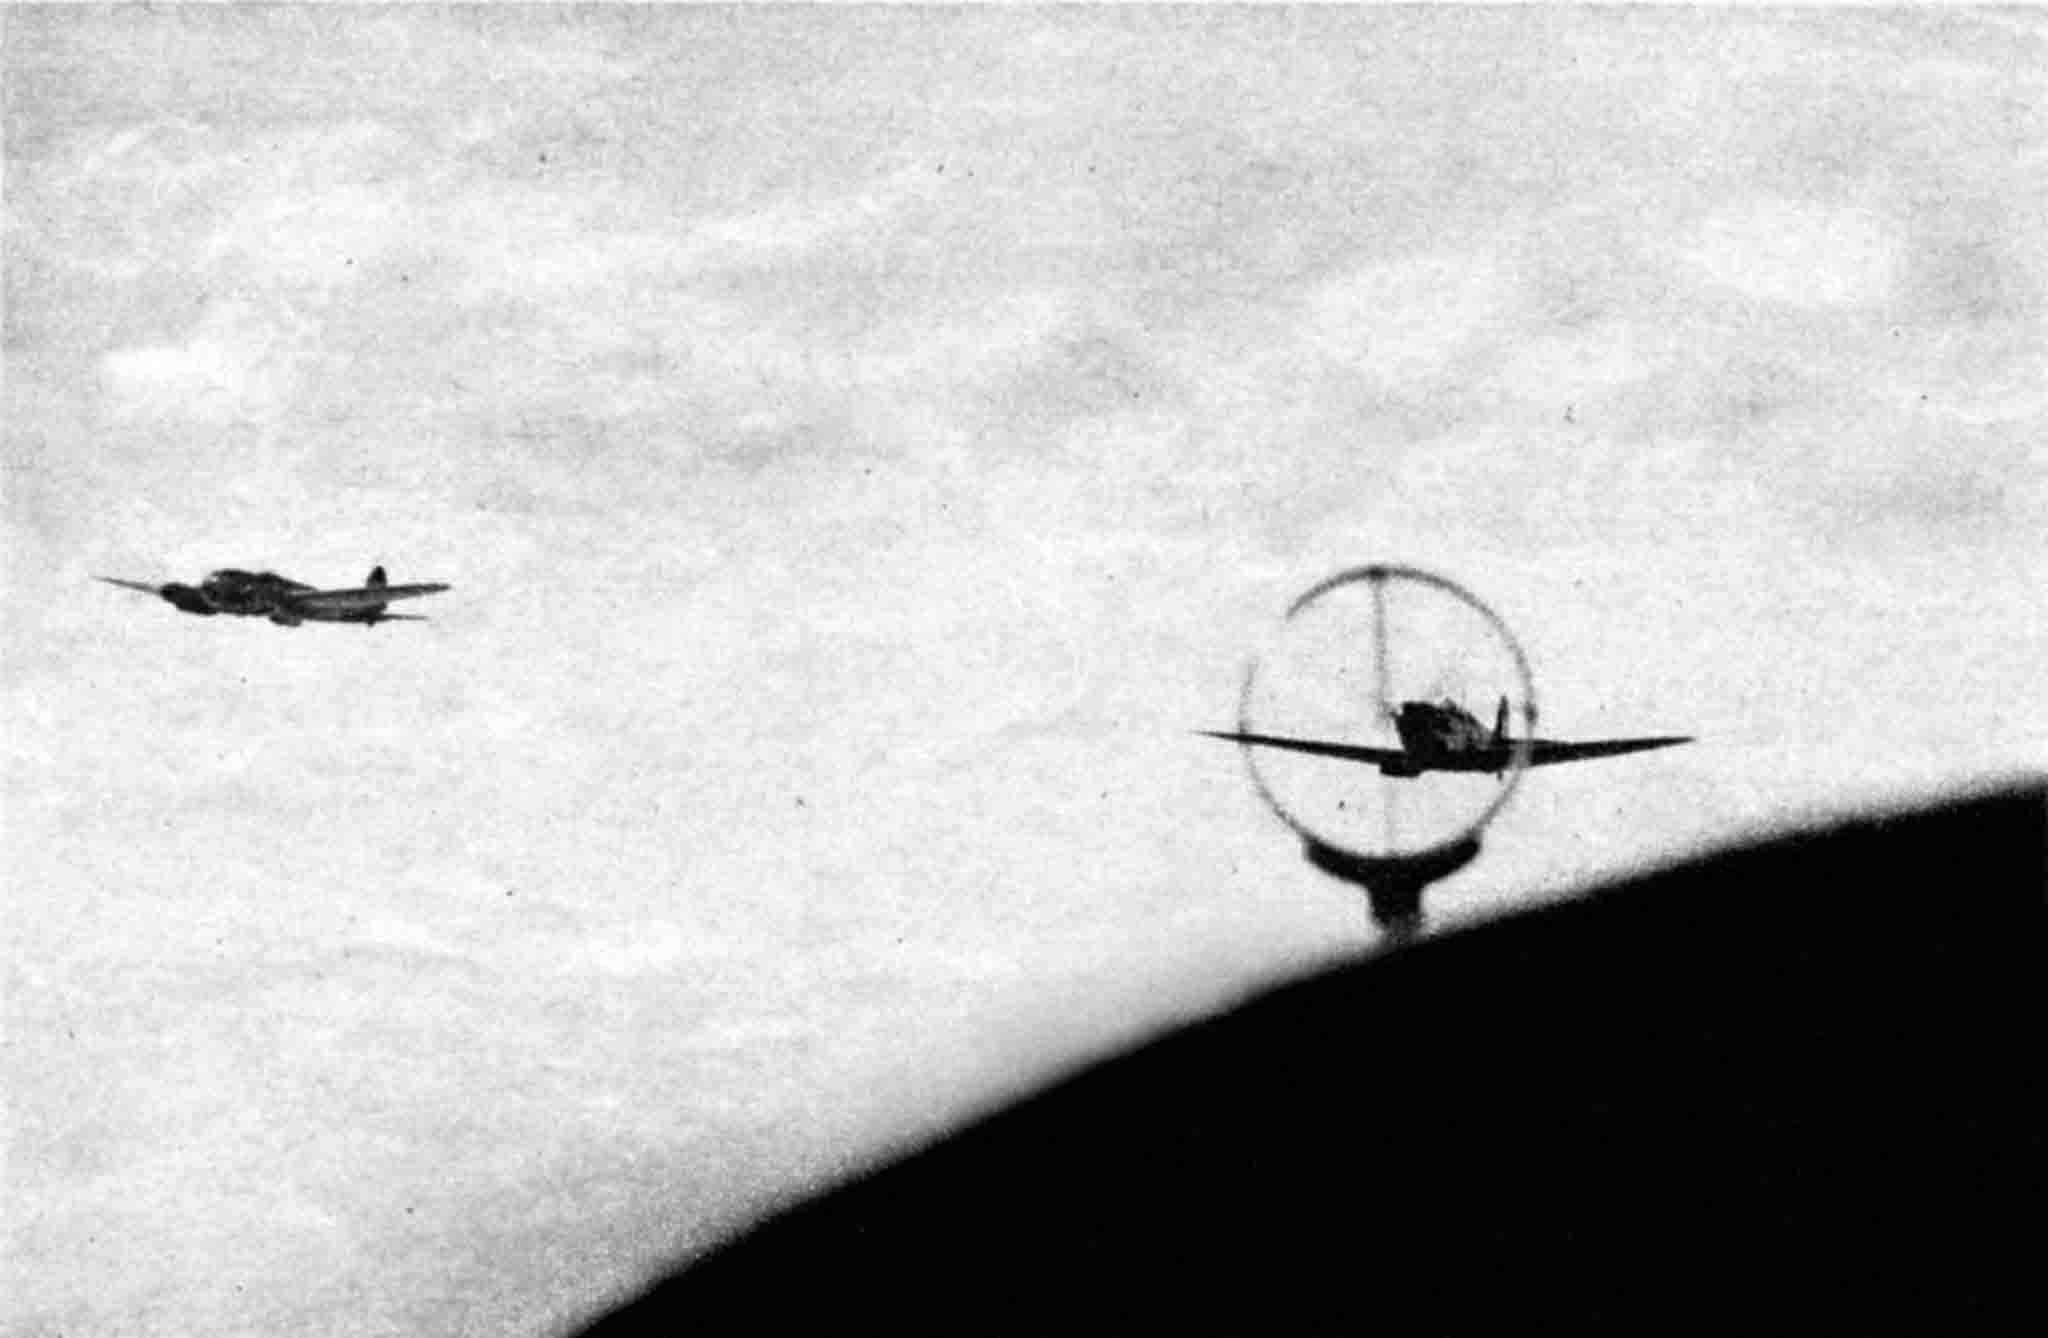 Spitfire, Heinschel He-111